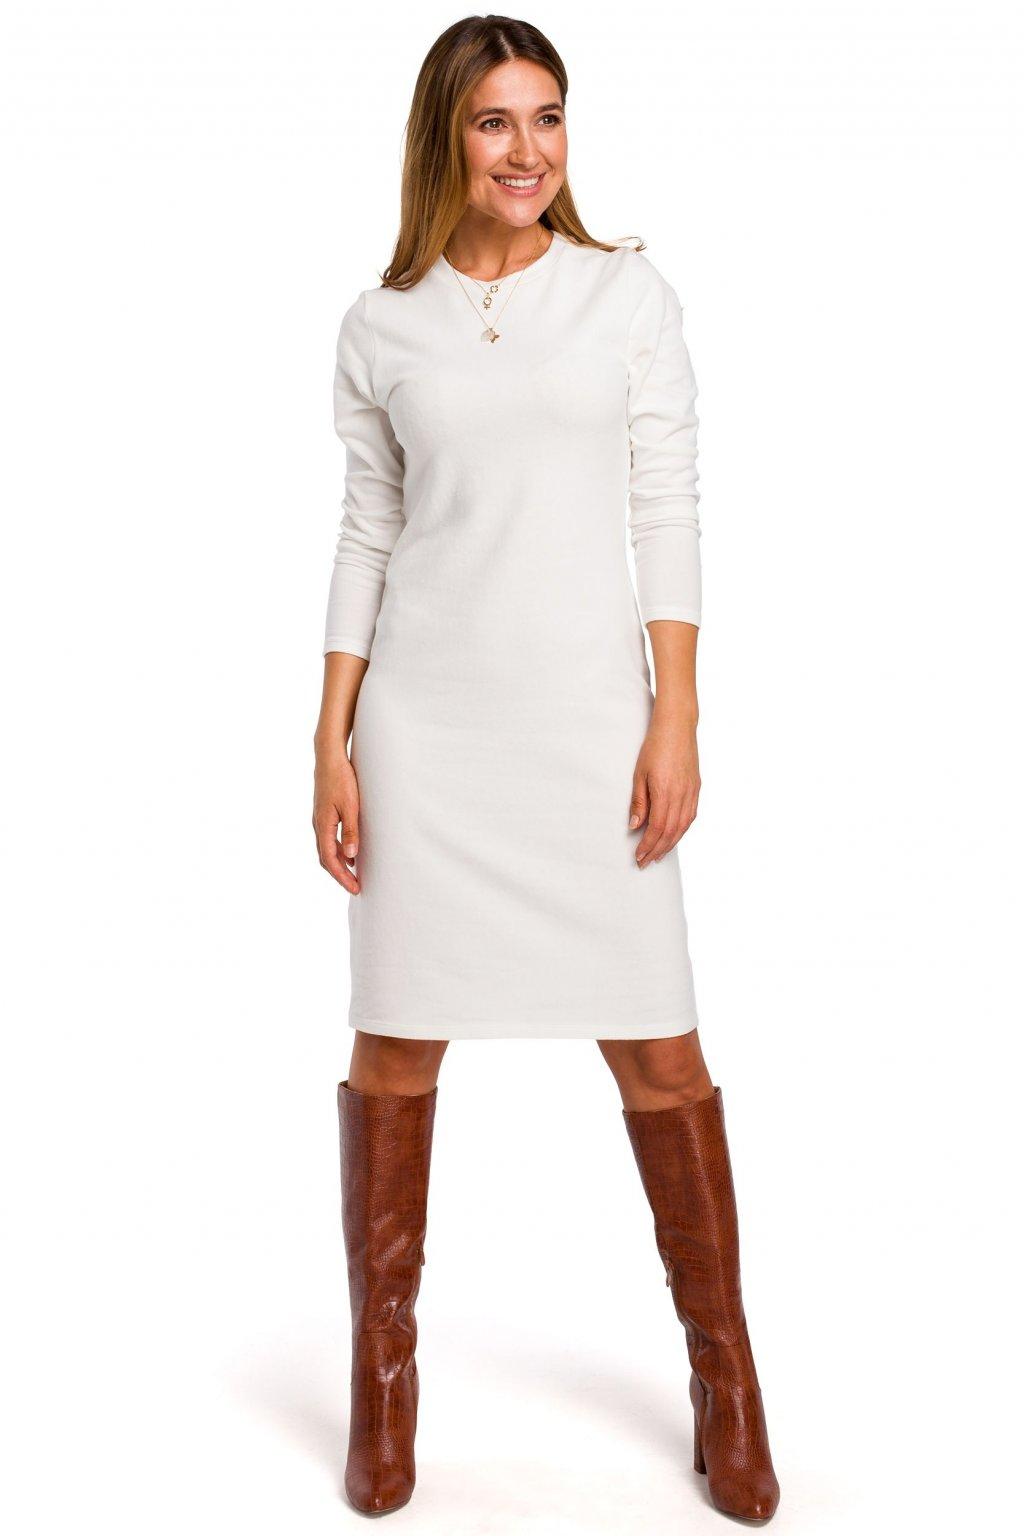 Úpletové šaty Style S178 smetanové